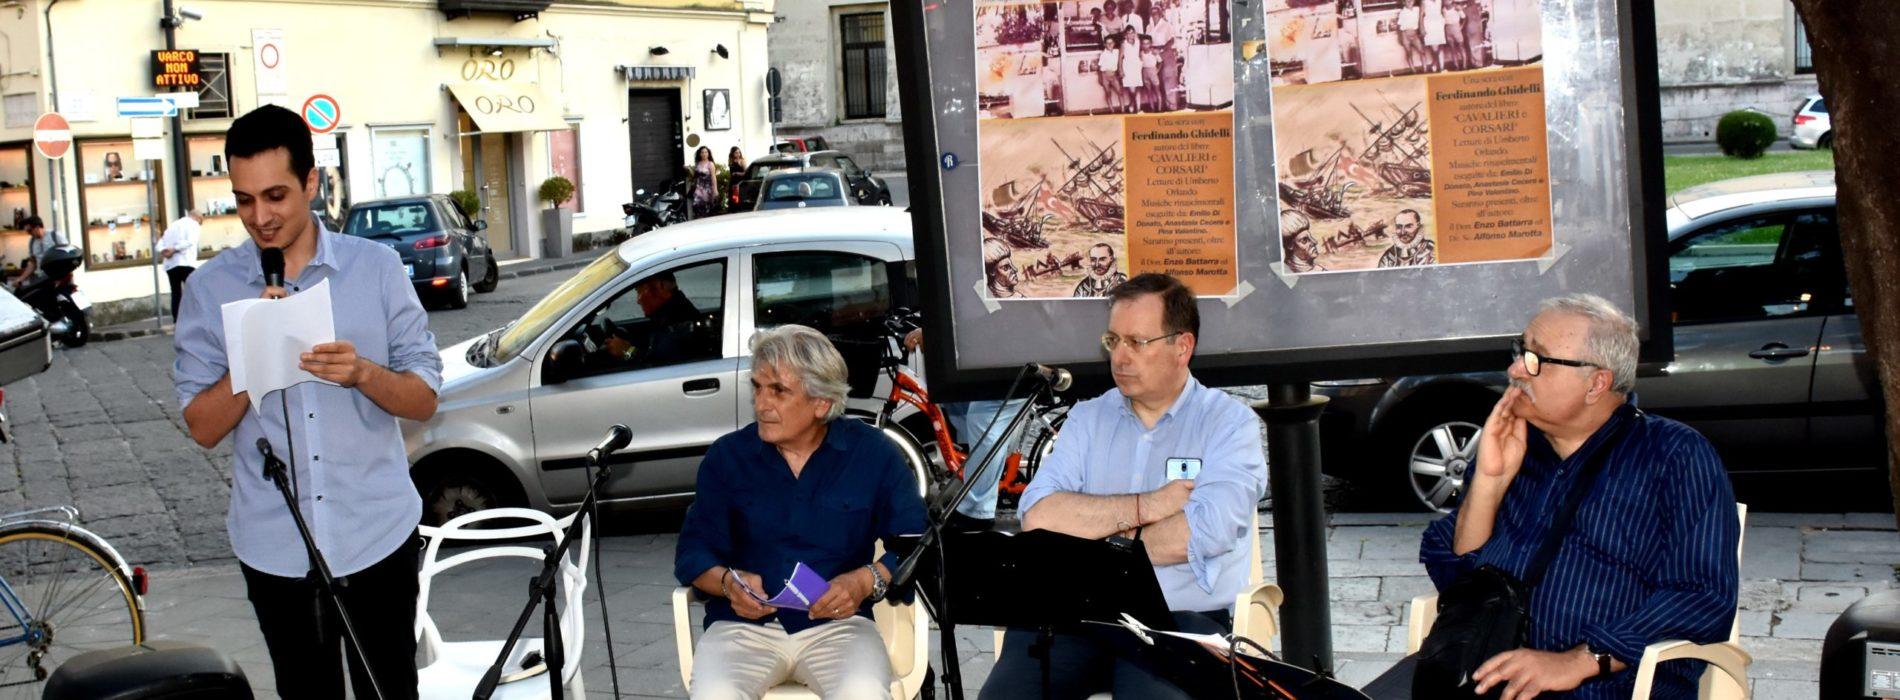 Cavalieri e corsari in piazza Vanvitelli, piace il libro di Ghidelli